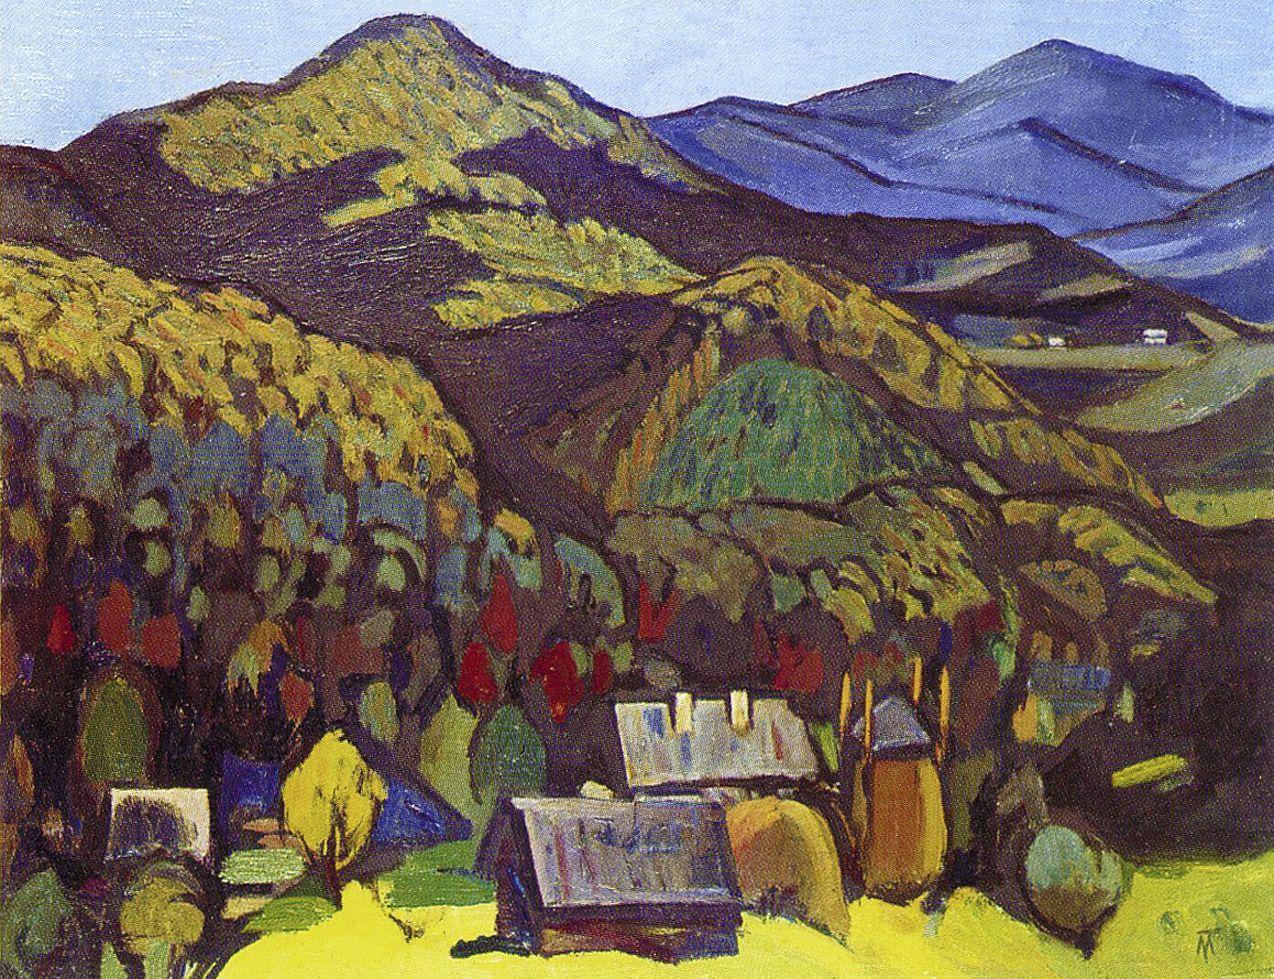 Михайло Ткаченко. Осінь в Карпатах, 1994; олія, полотно